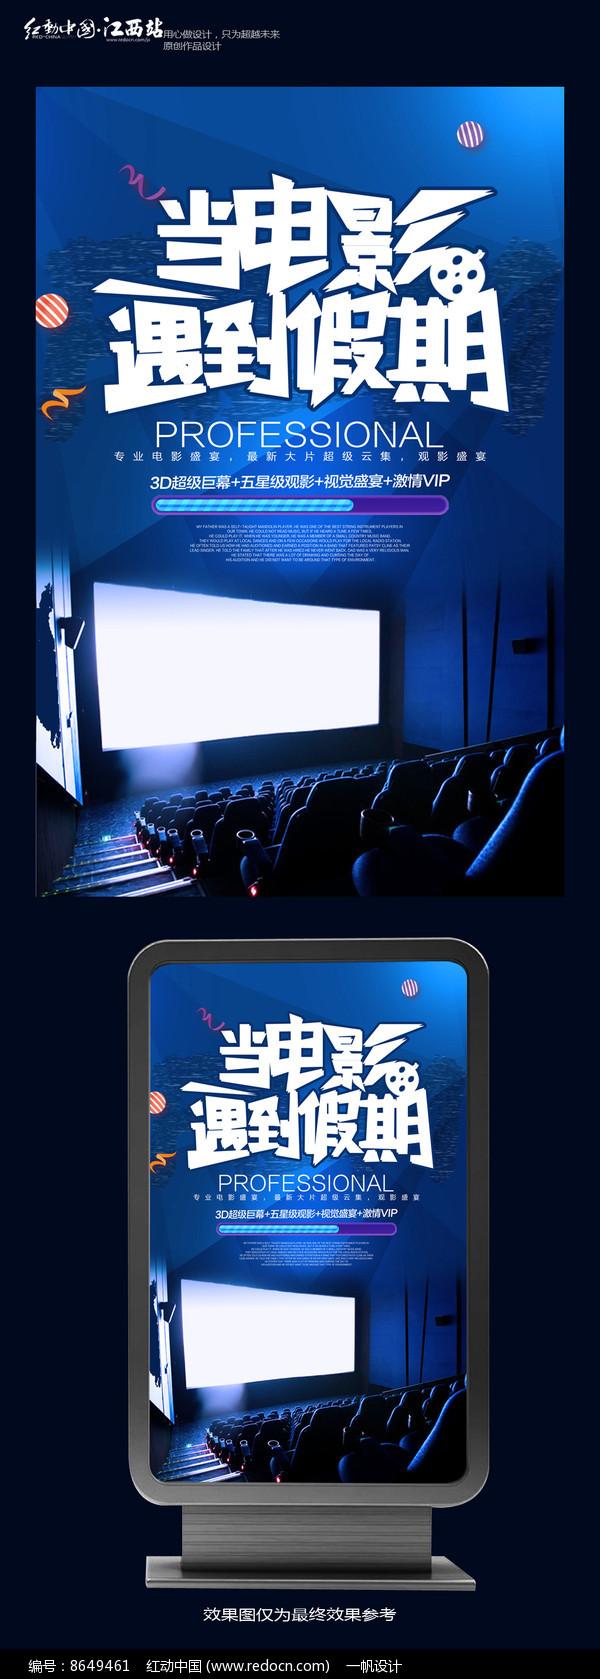 简约蓝色电影院宣传海报设计图片